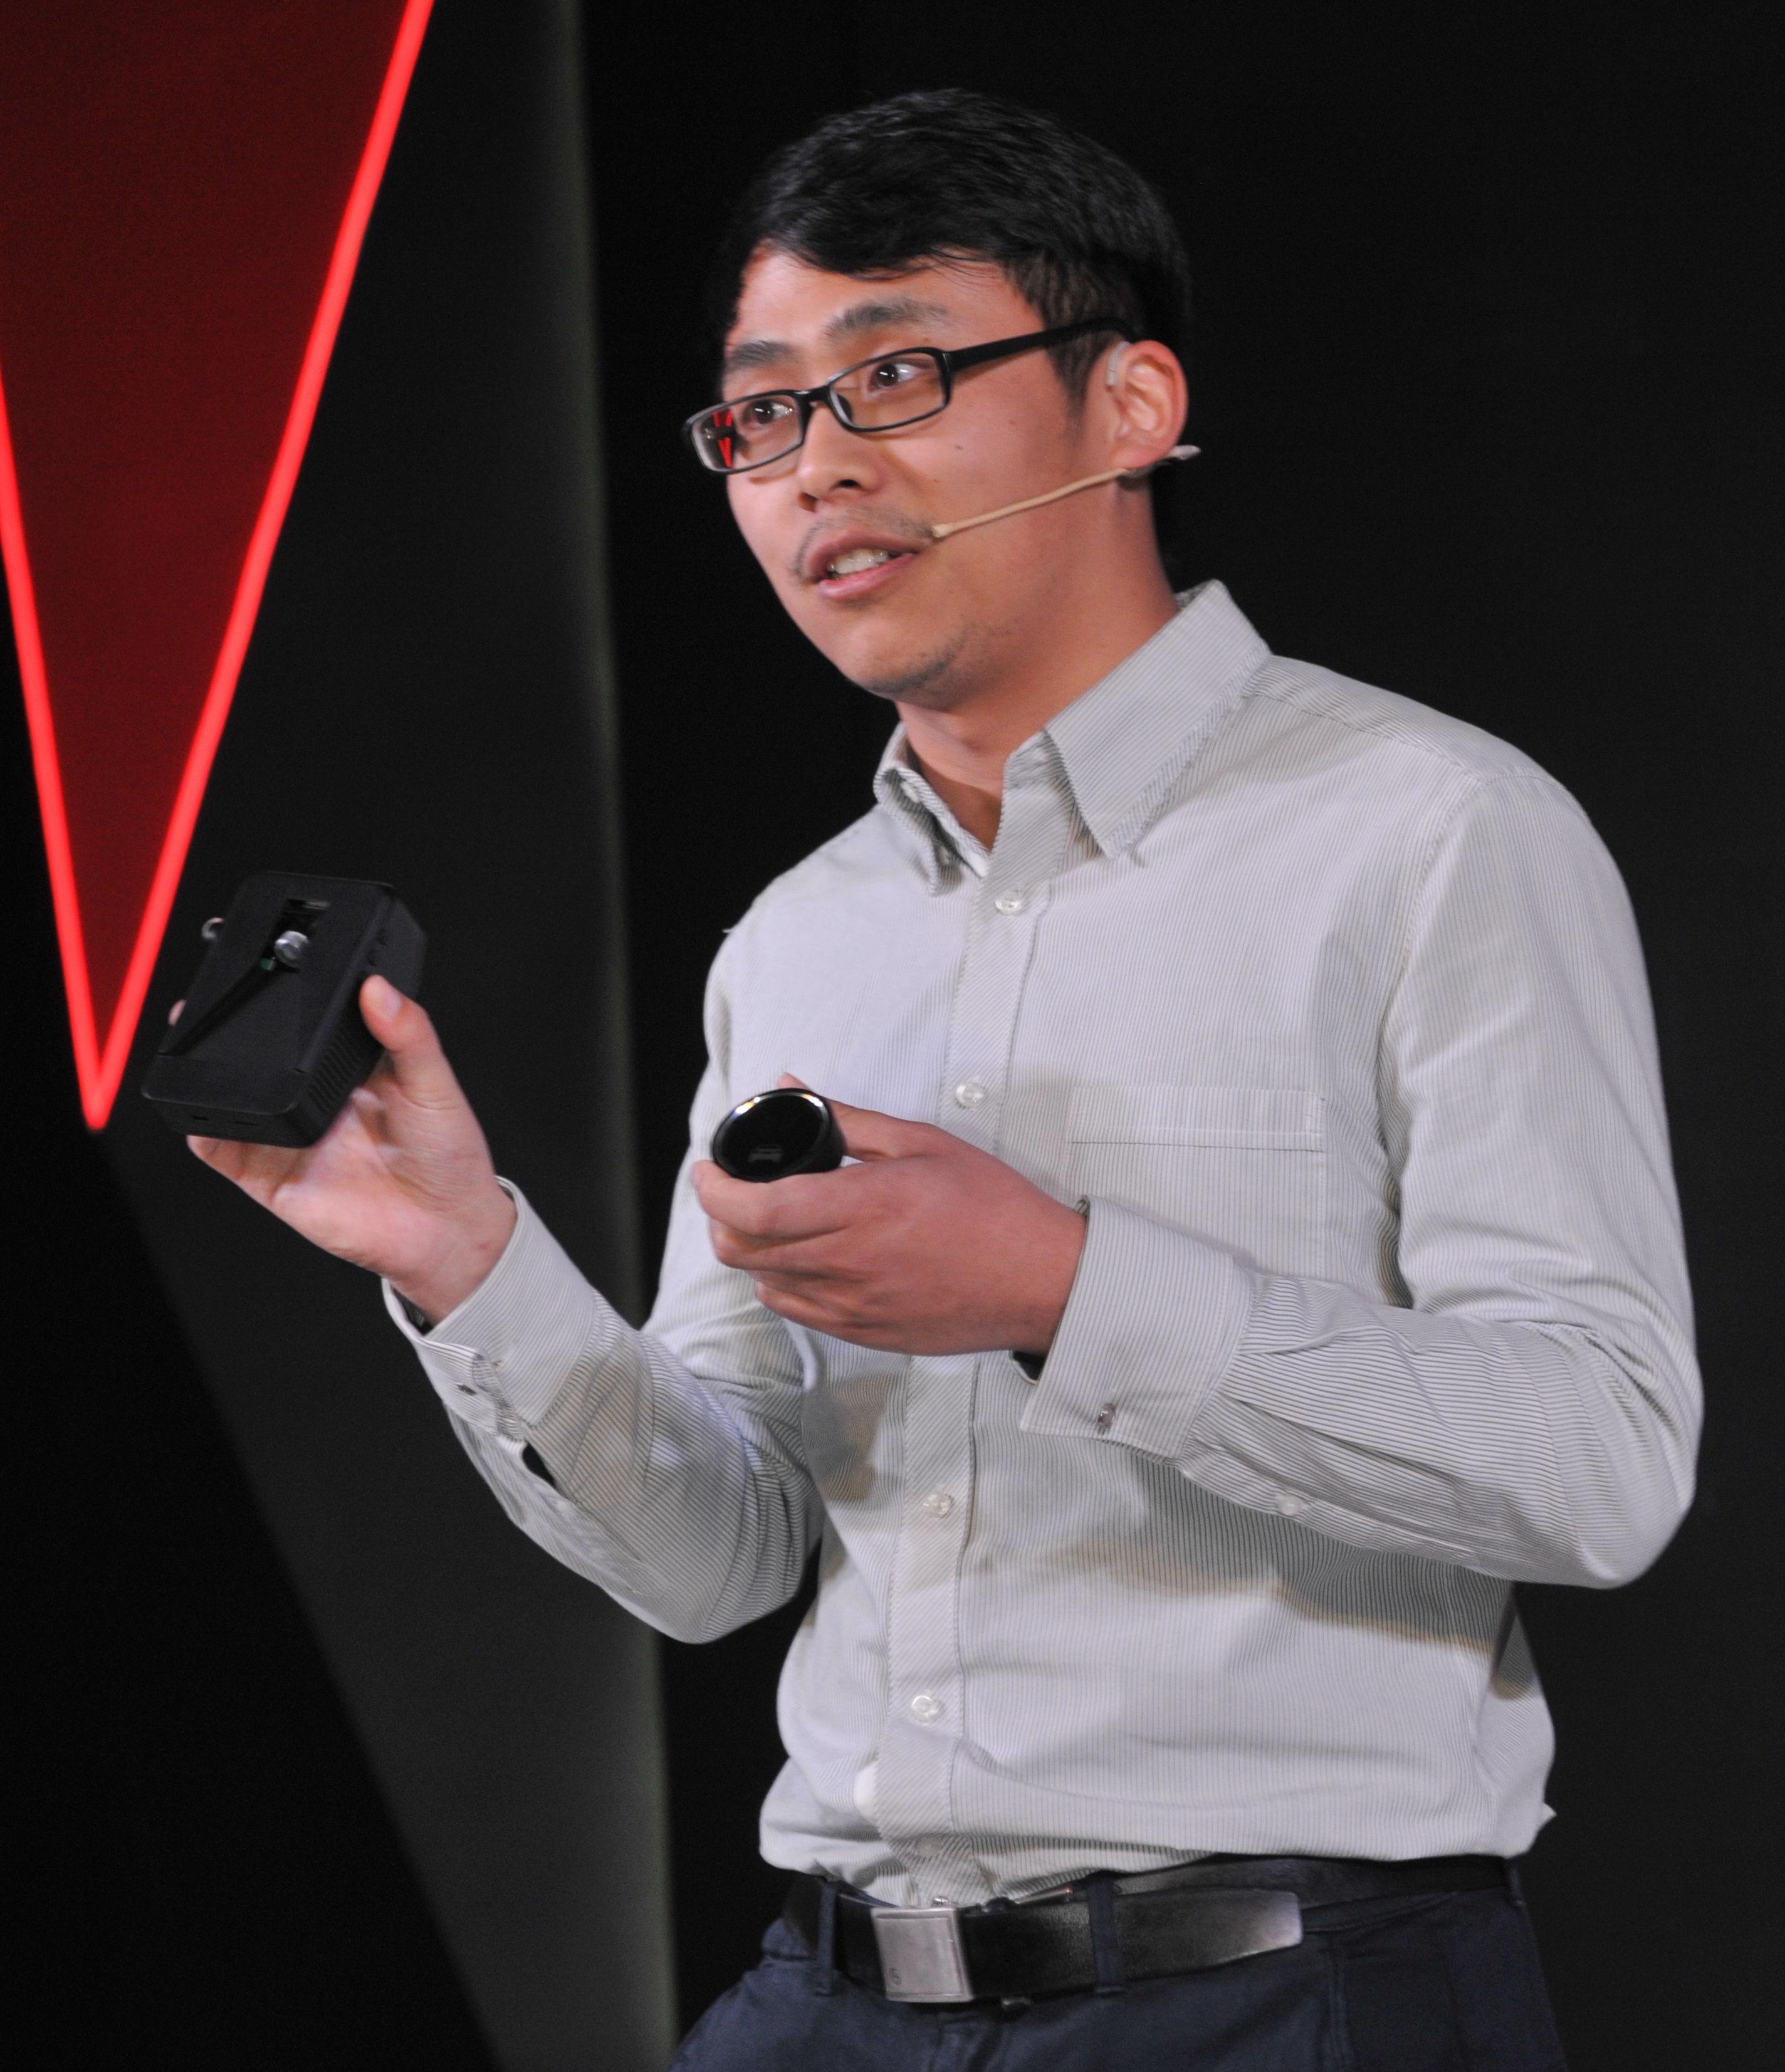 刘国清在展示MINIEYE后装产品.jpeg